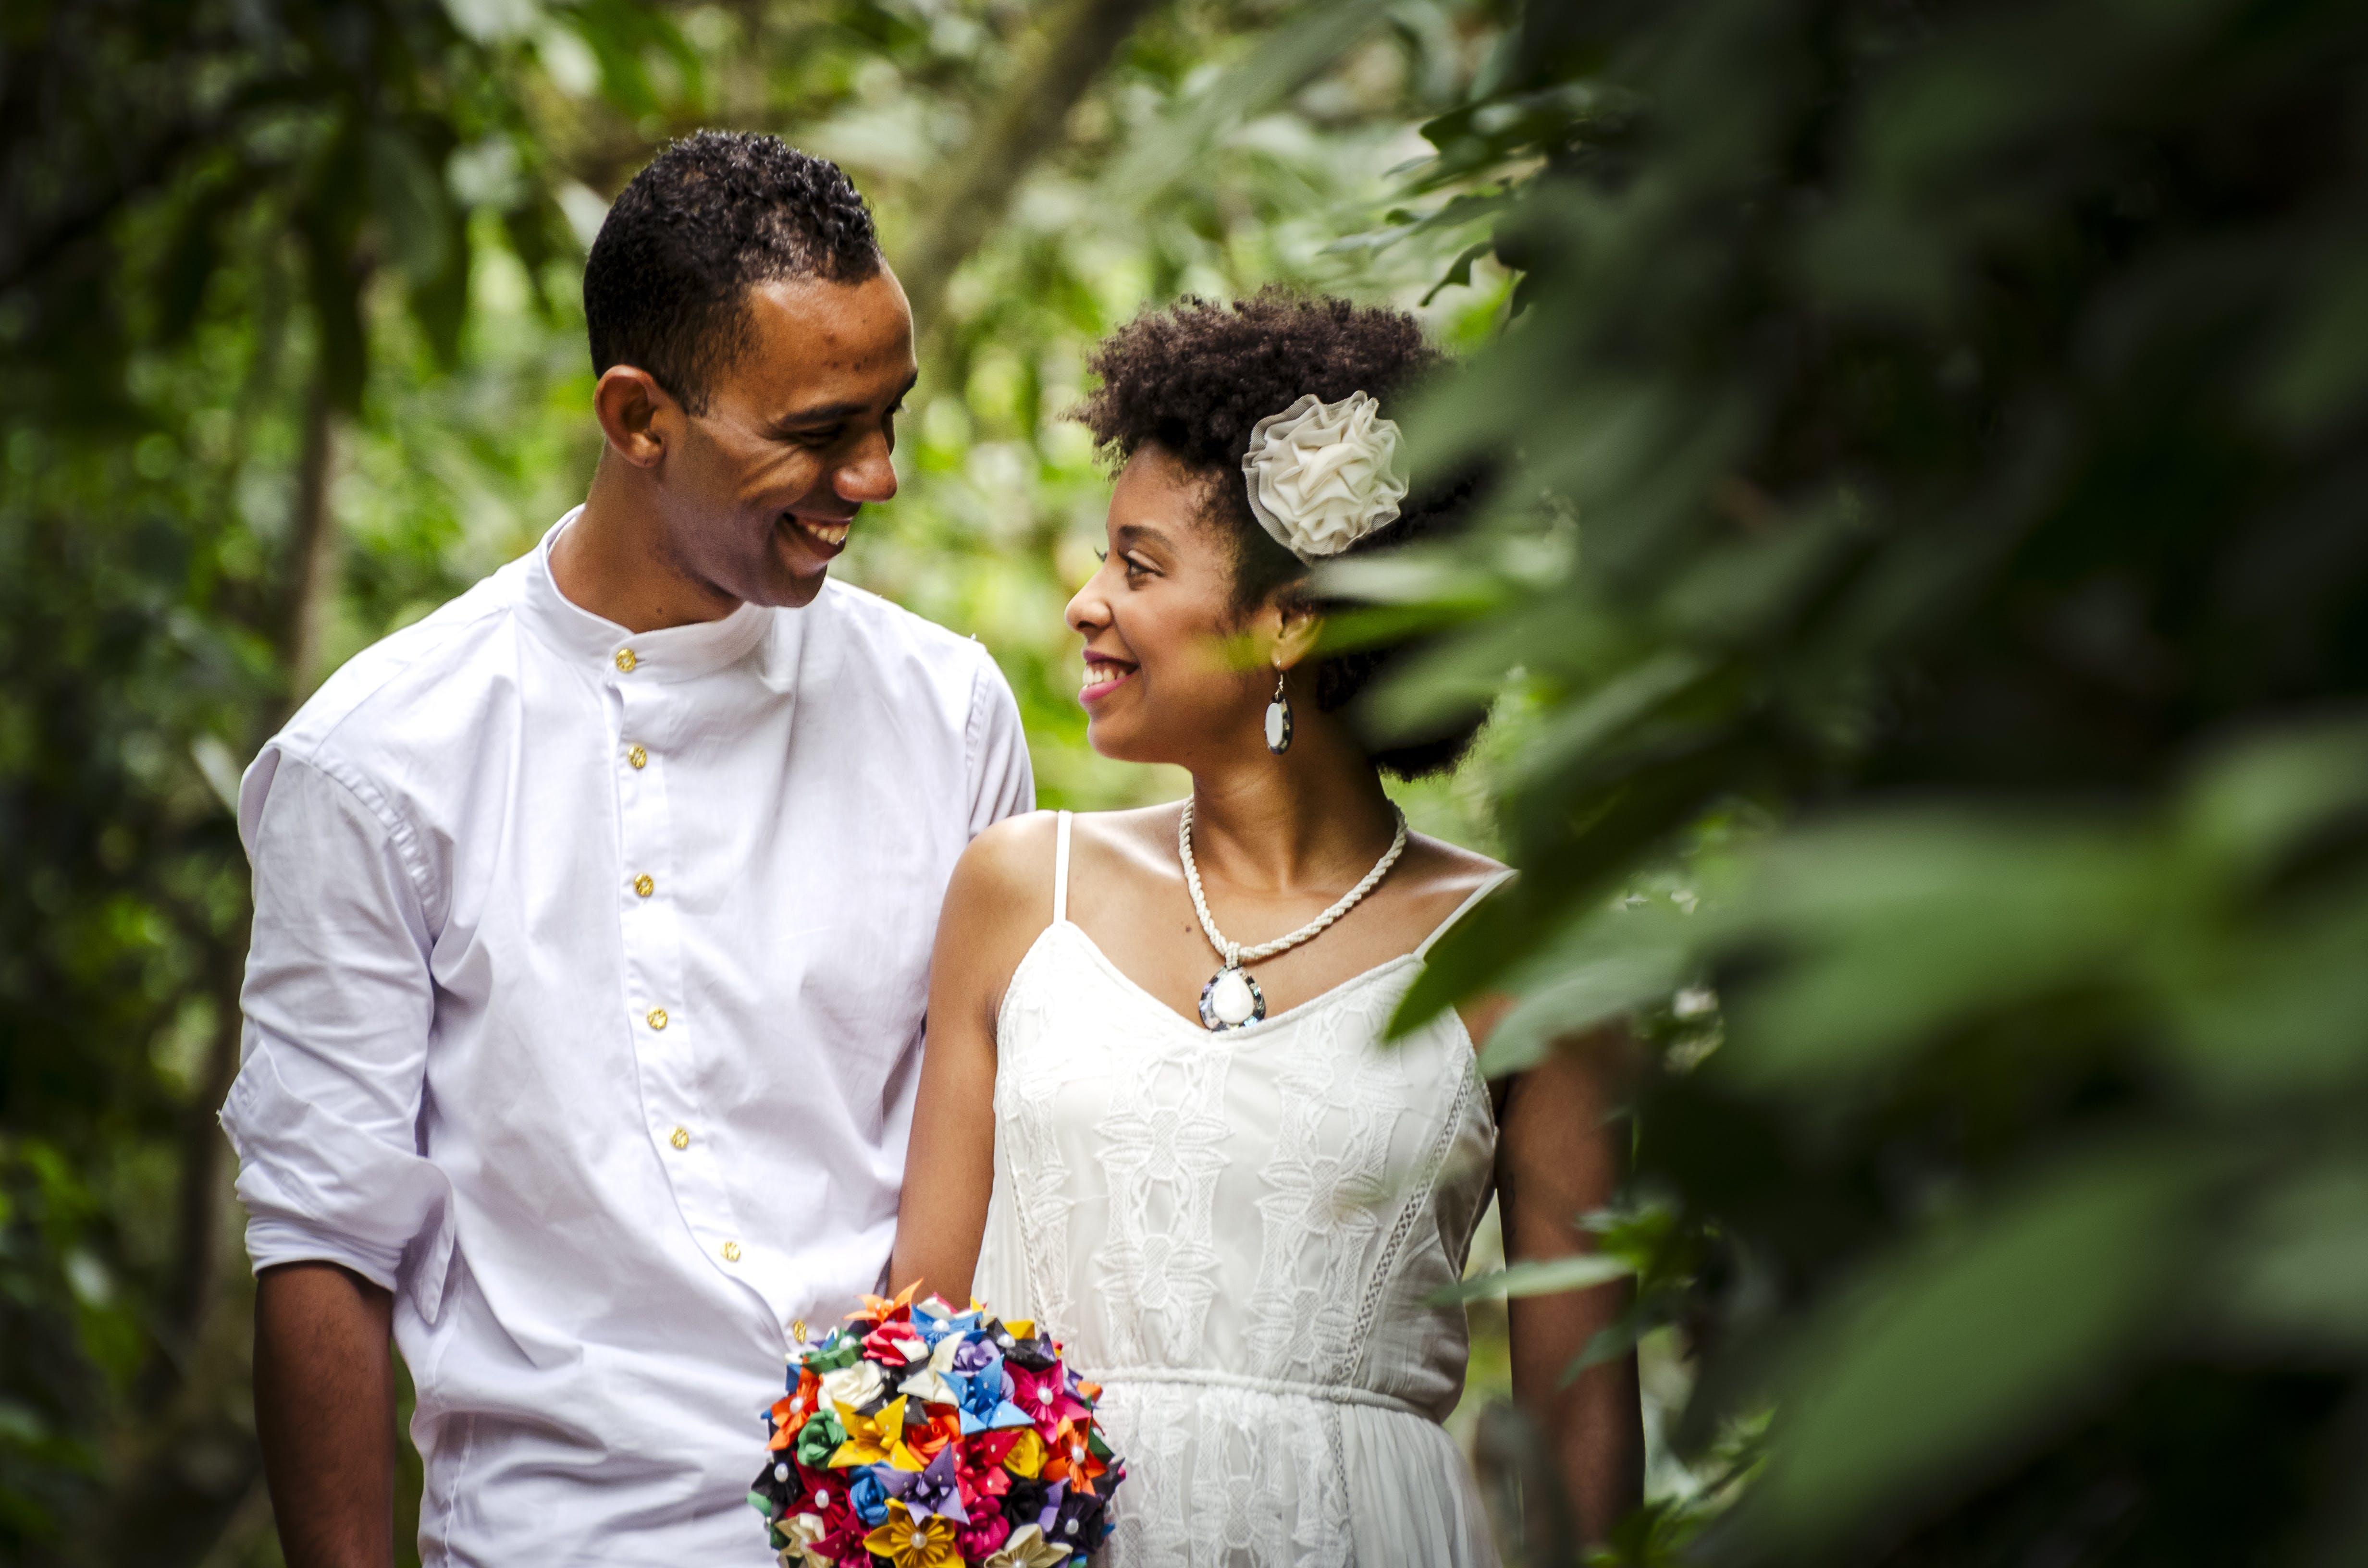 Gratis stockfoto met blij, blijdschap, Bruid en bruidegom, bruiloft